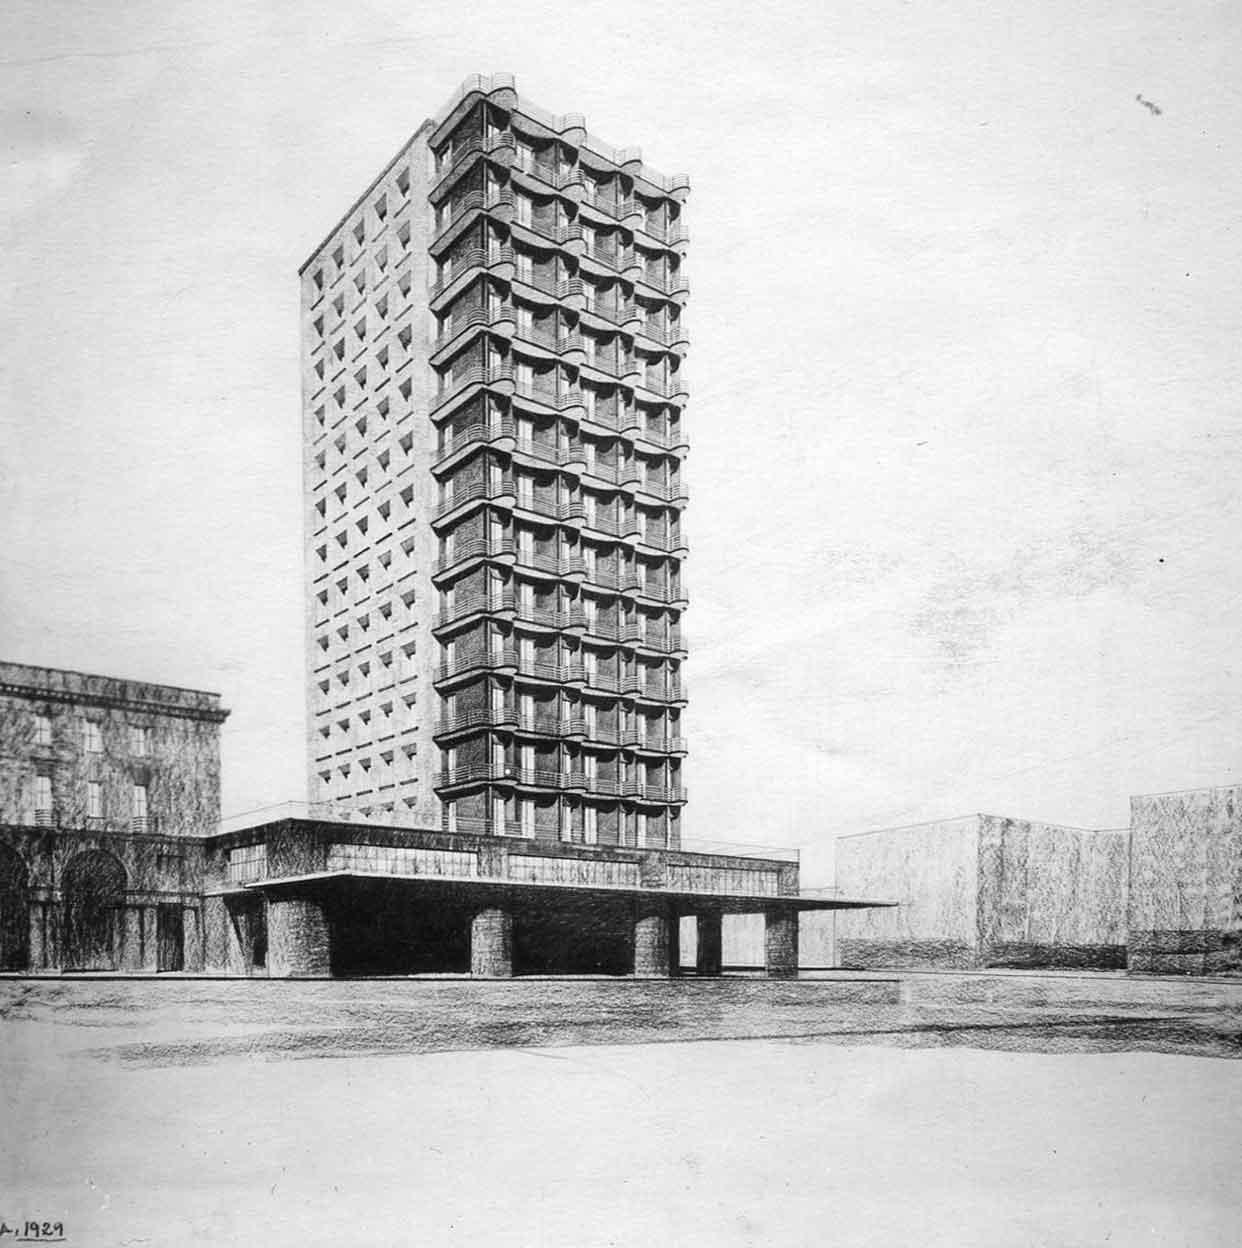 Progetto per un grattacielo a Brescia